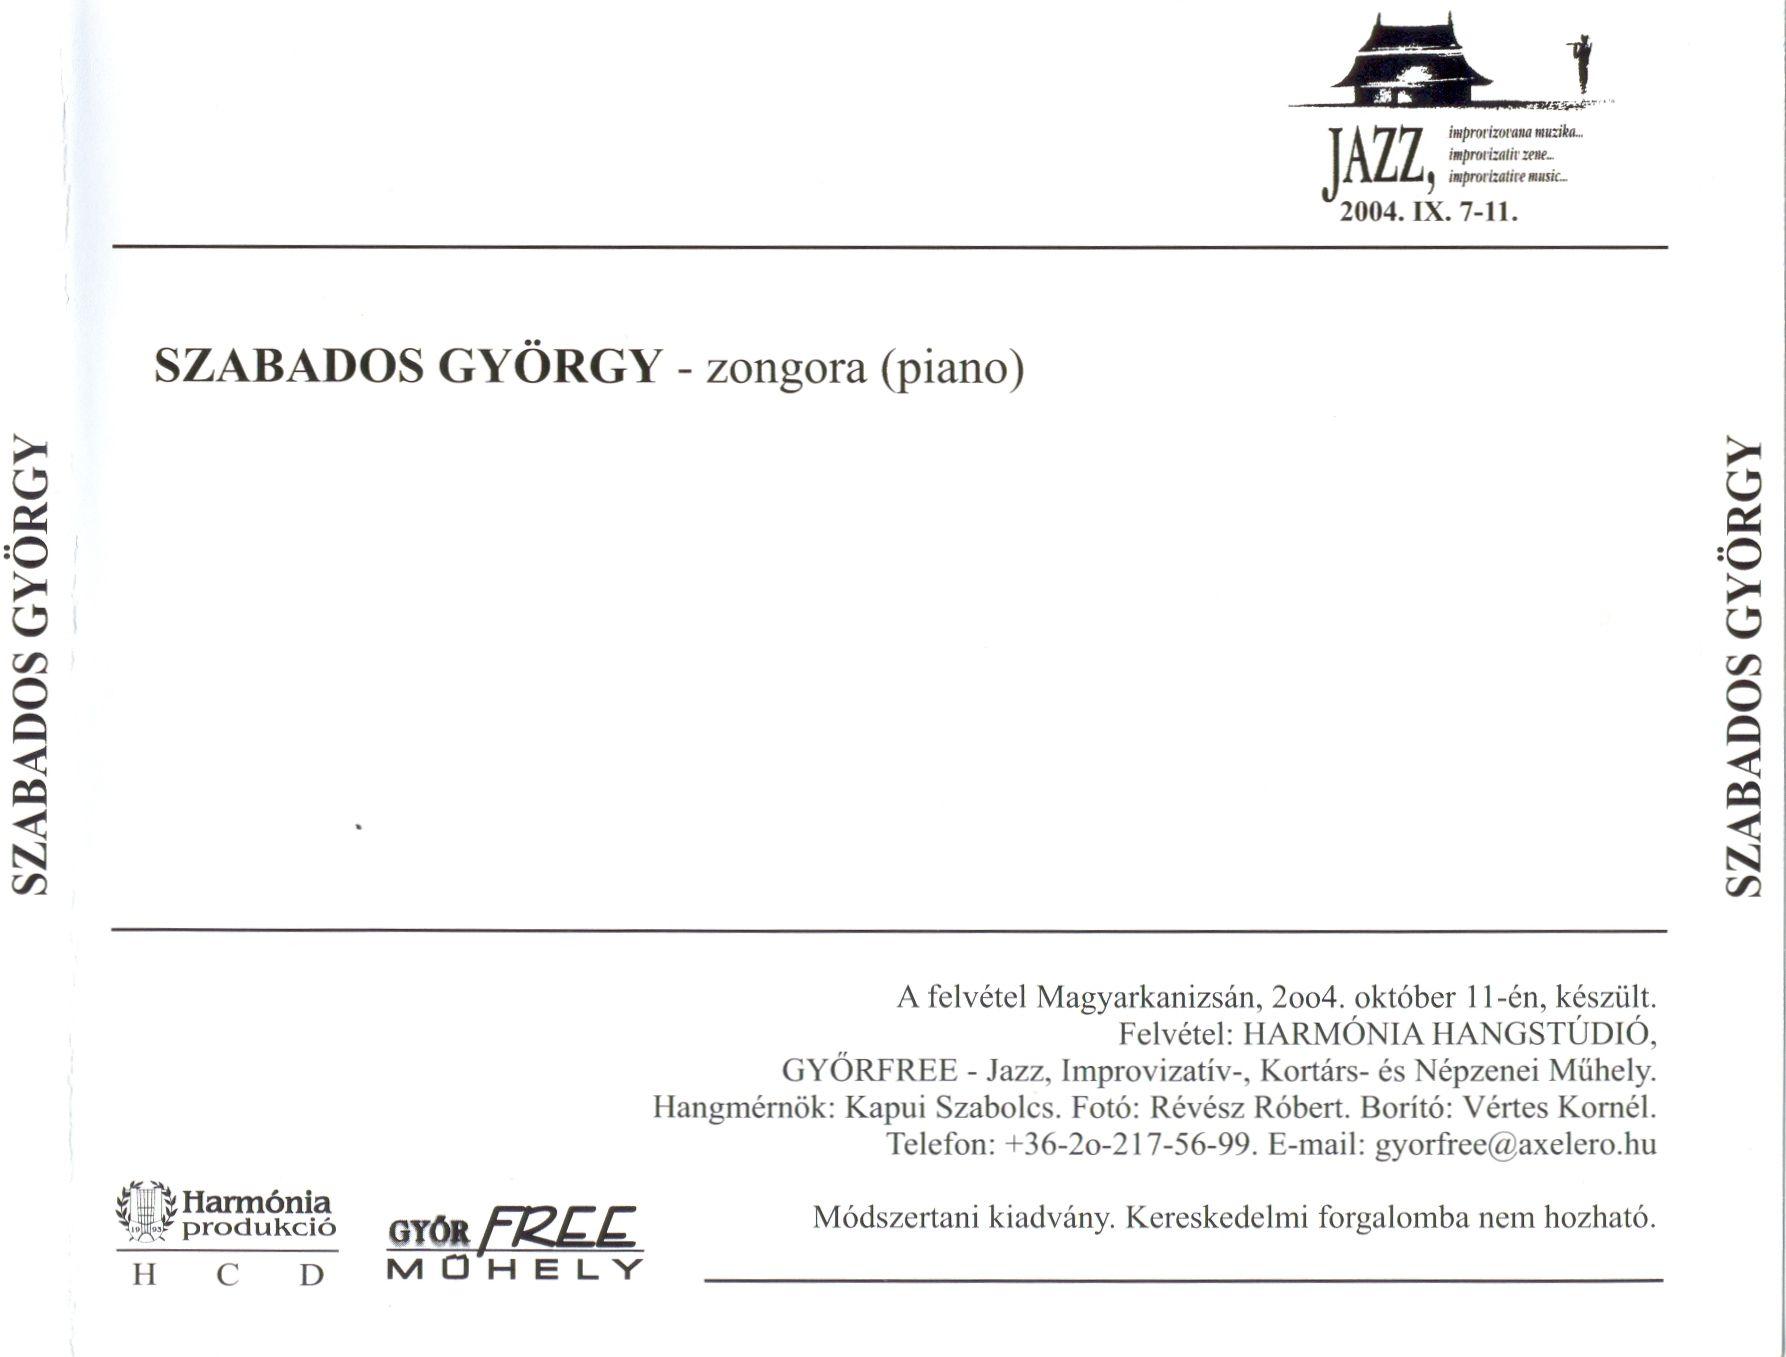 Magyarkanizsa, 2004_hcd_300_b.